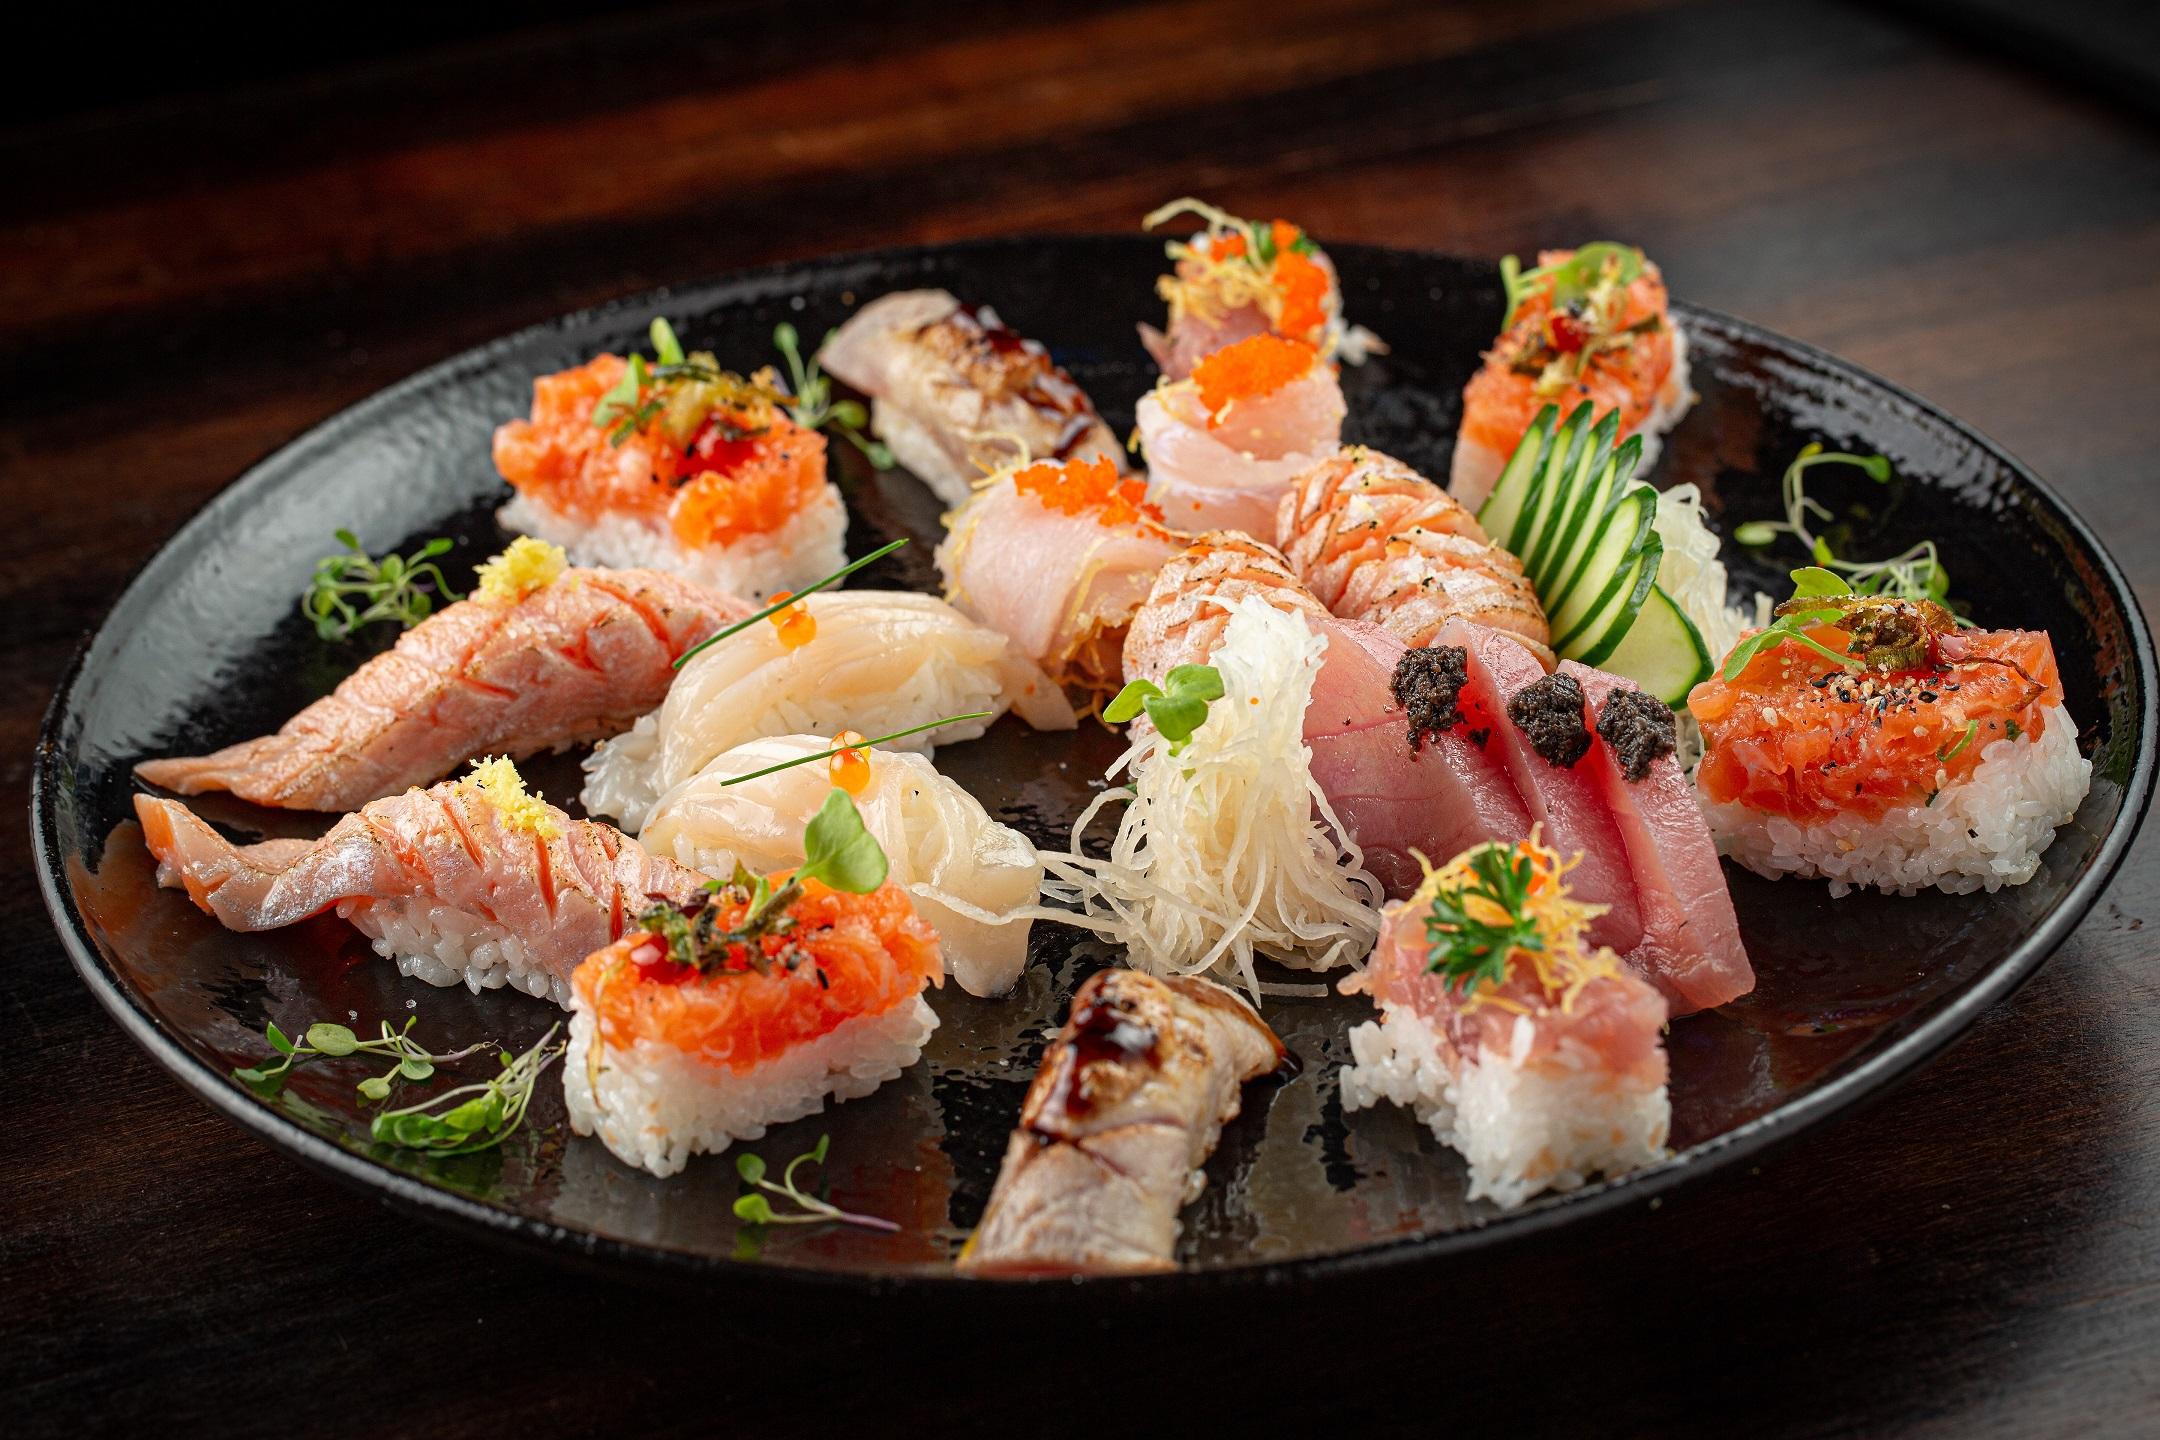 Ginger_Combinados-Sushi-e-Sashimi-Ni-Ju-Omakase_Credito-Felipe-Azevedo-1